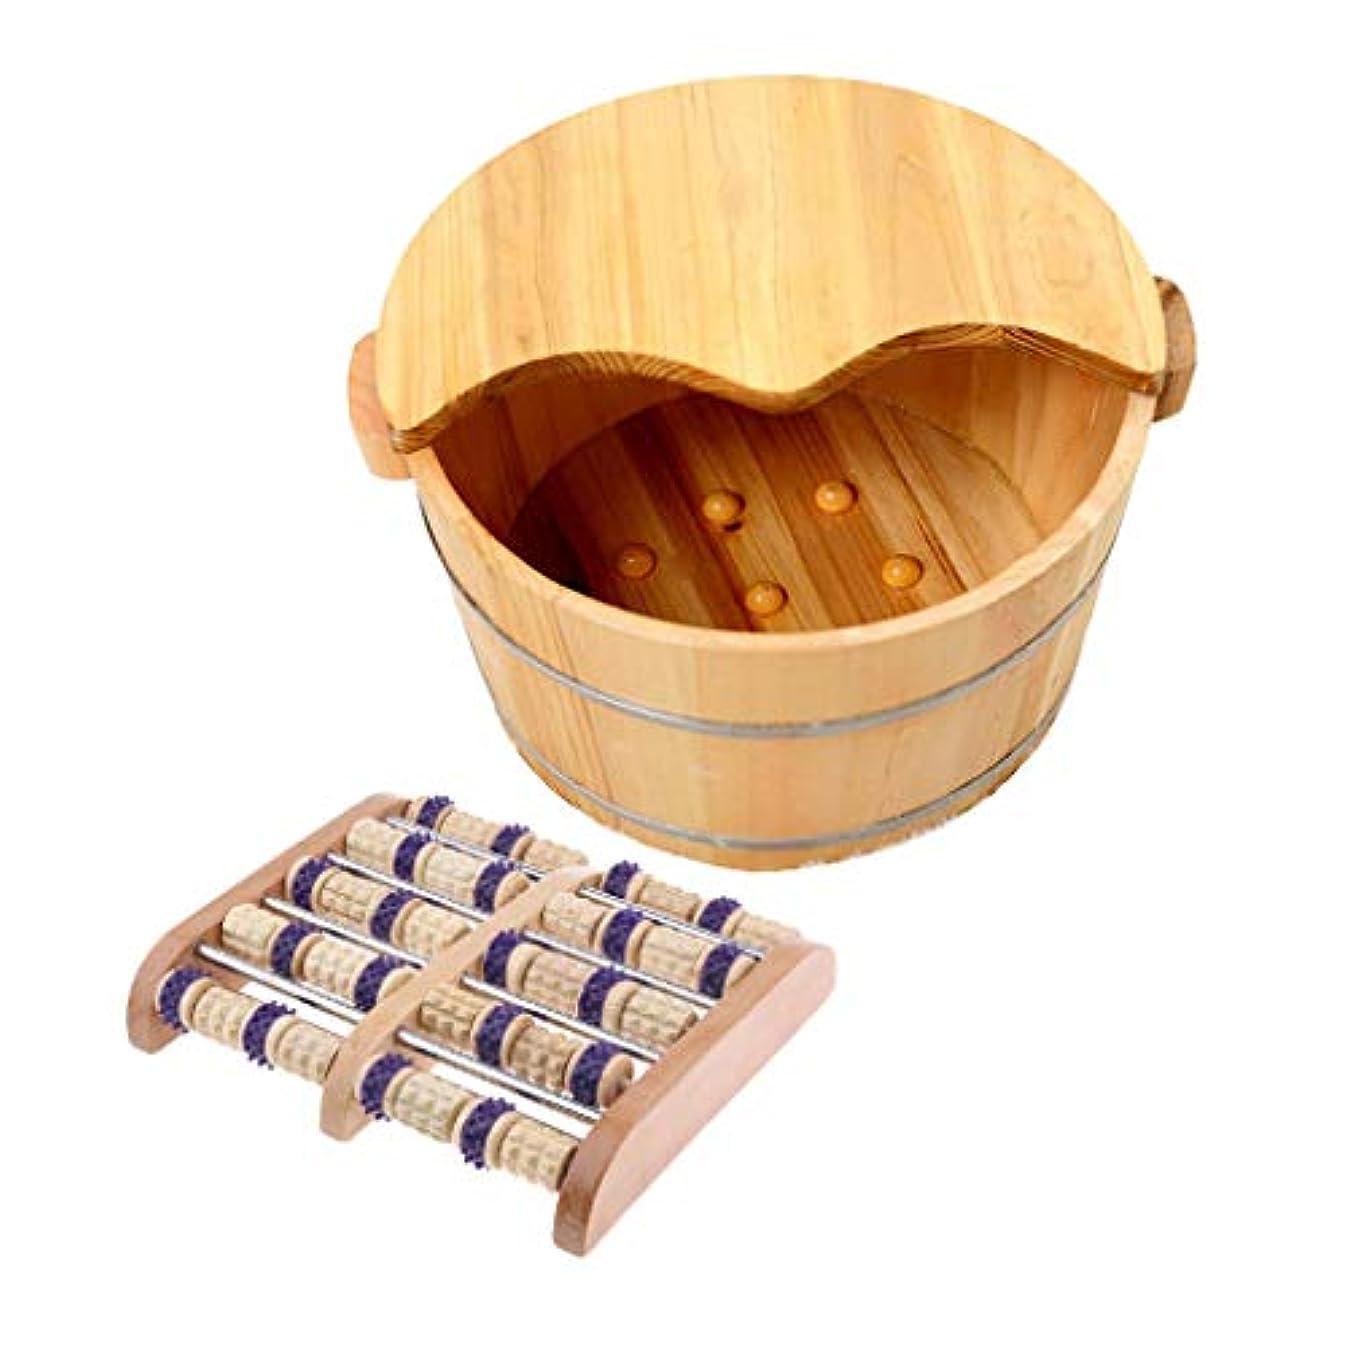 大使館落胆した異邦人chiwanji ふたのバレルの二重フィートのマッサージャーのローラーを浸す木のフィートの鉱泉の浴室の洗面器のフィート